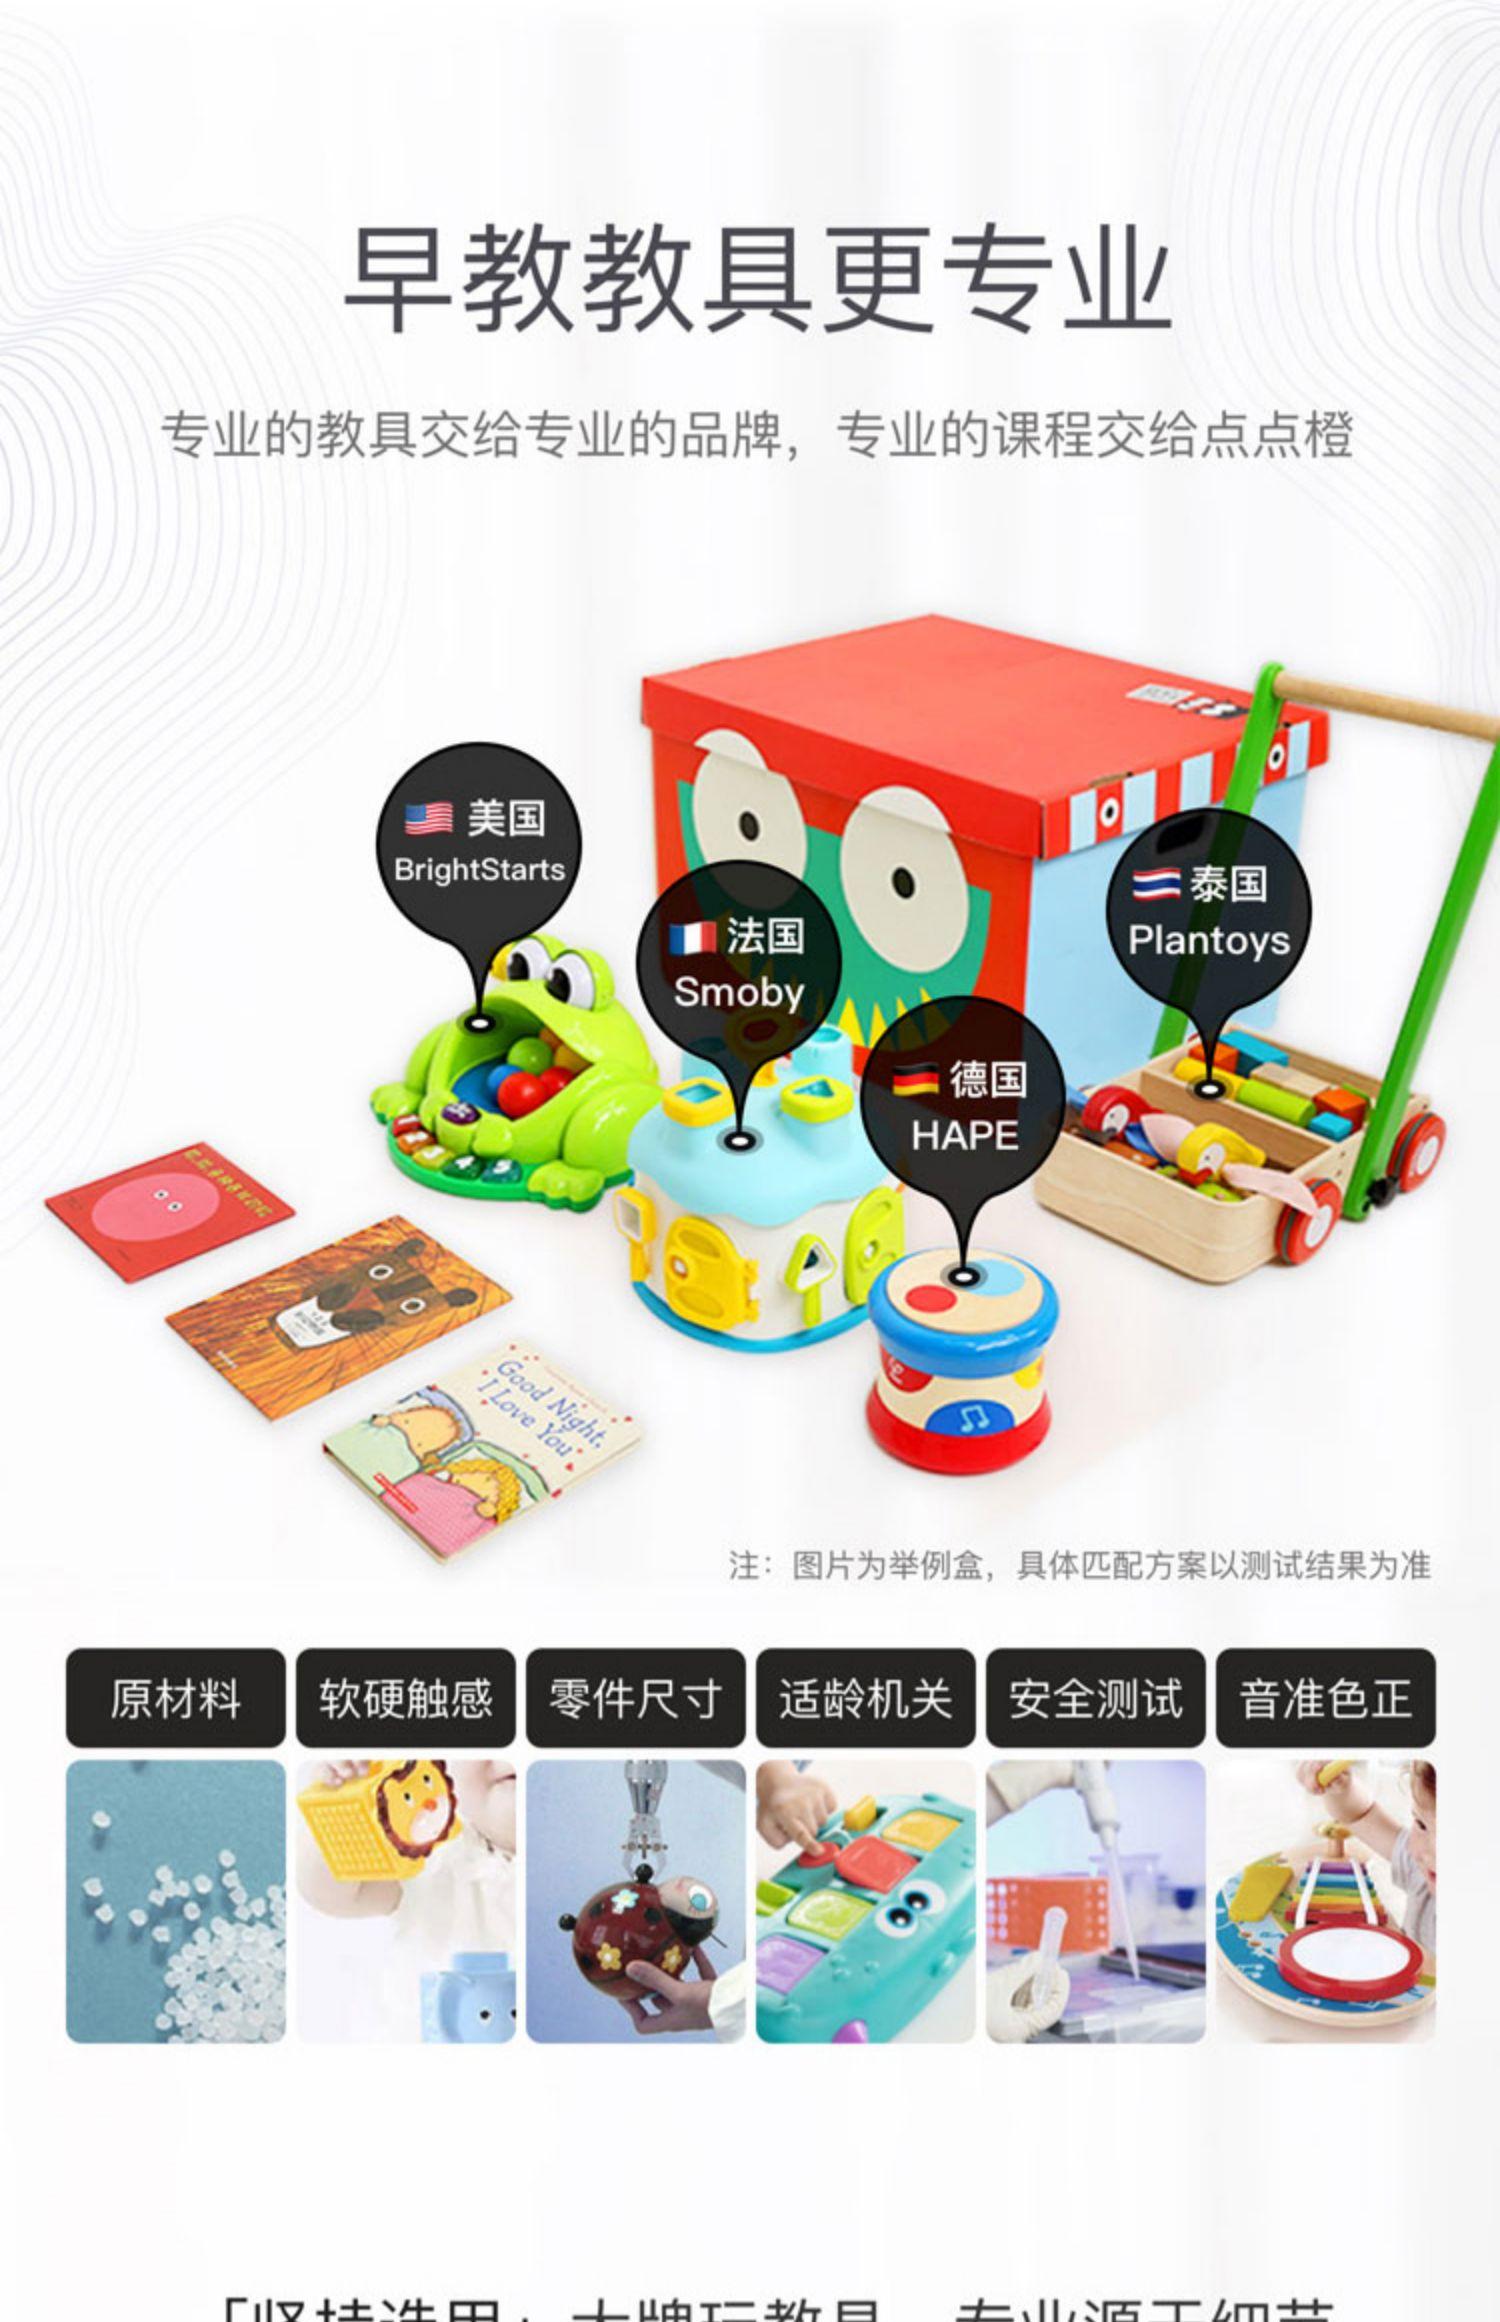 """-9月龄婴幼儿早教玩具套装课程体验盒"""""""